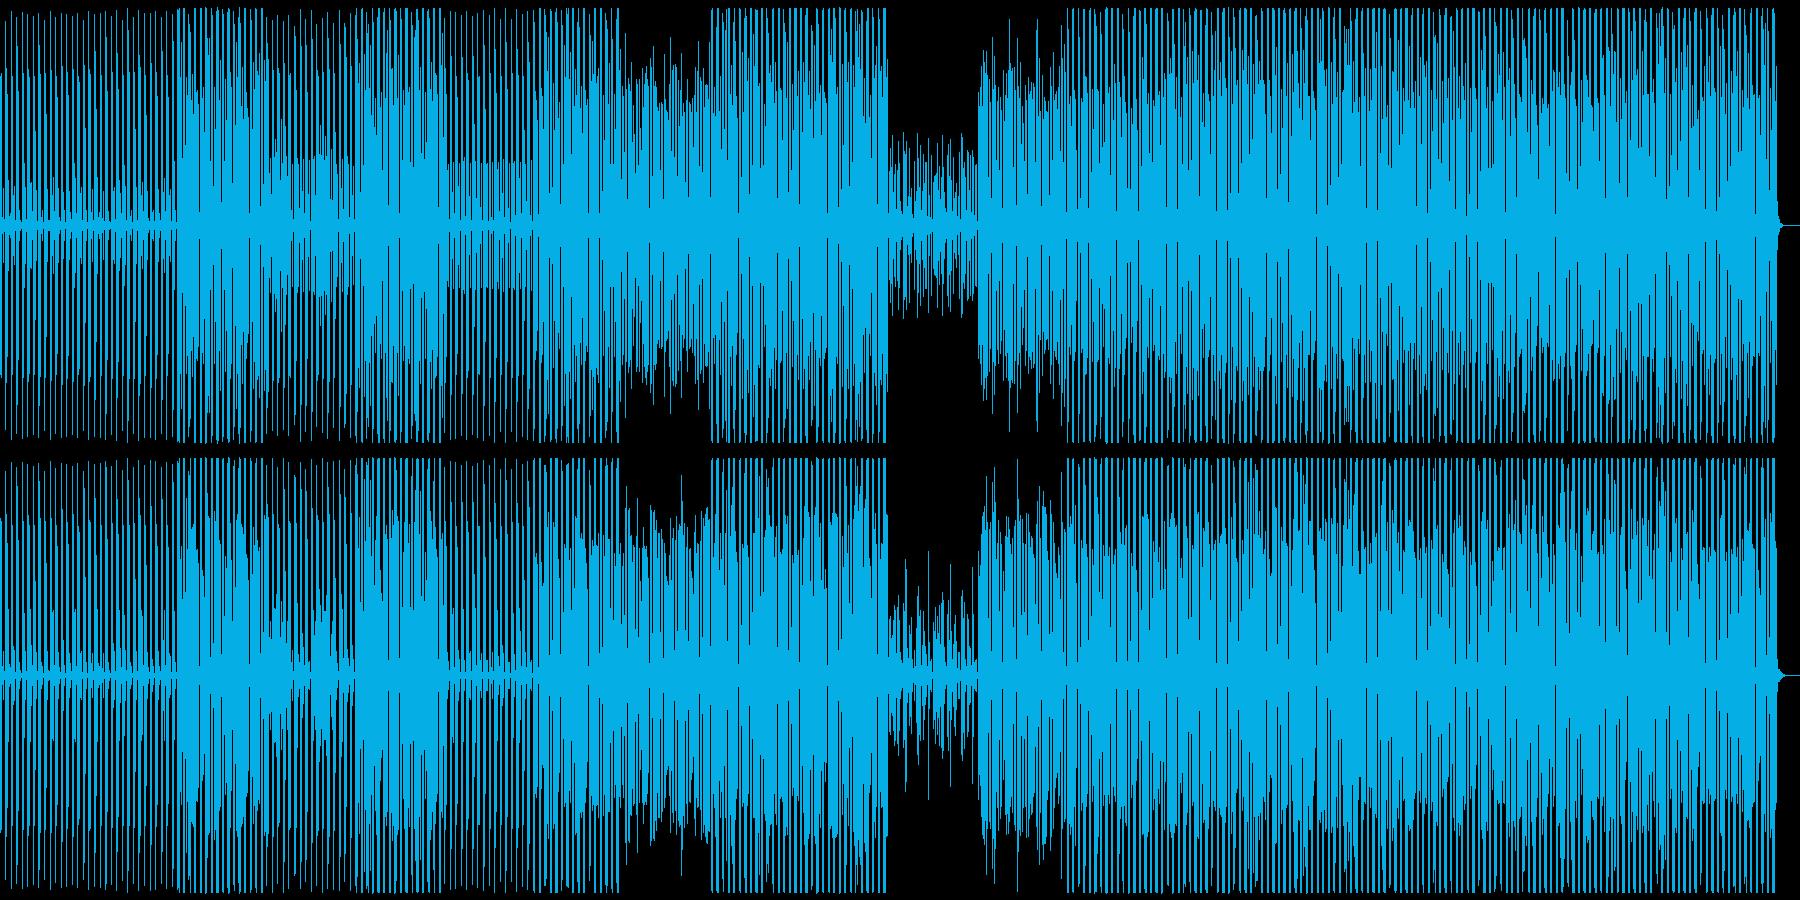 パーカッション、オーケストラ、四つ打ちの再生済みの波形